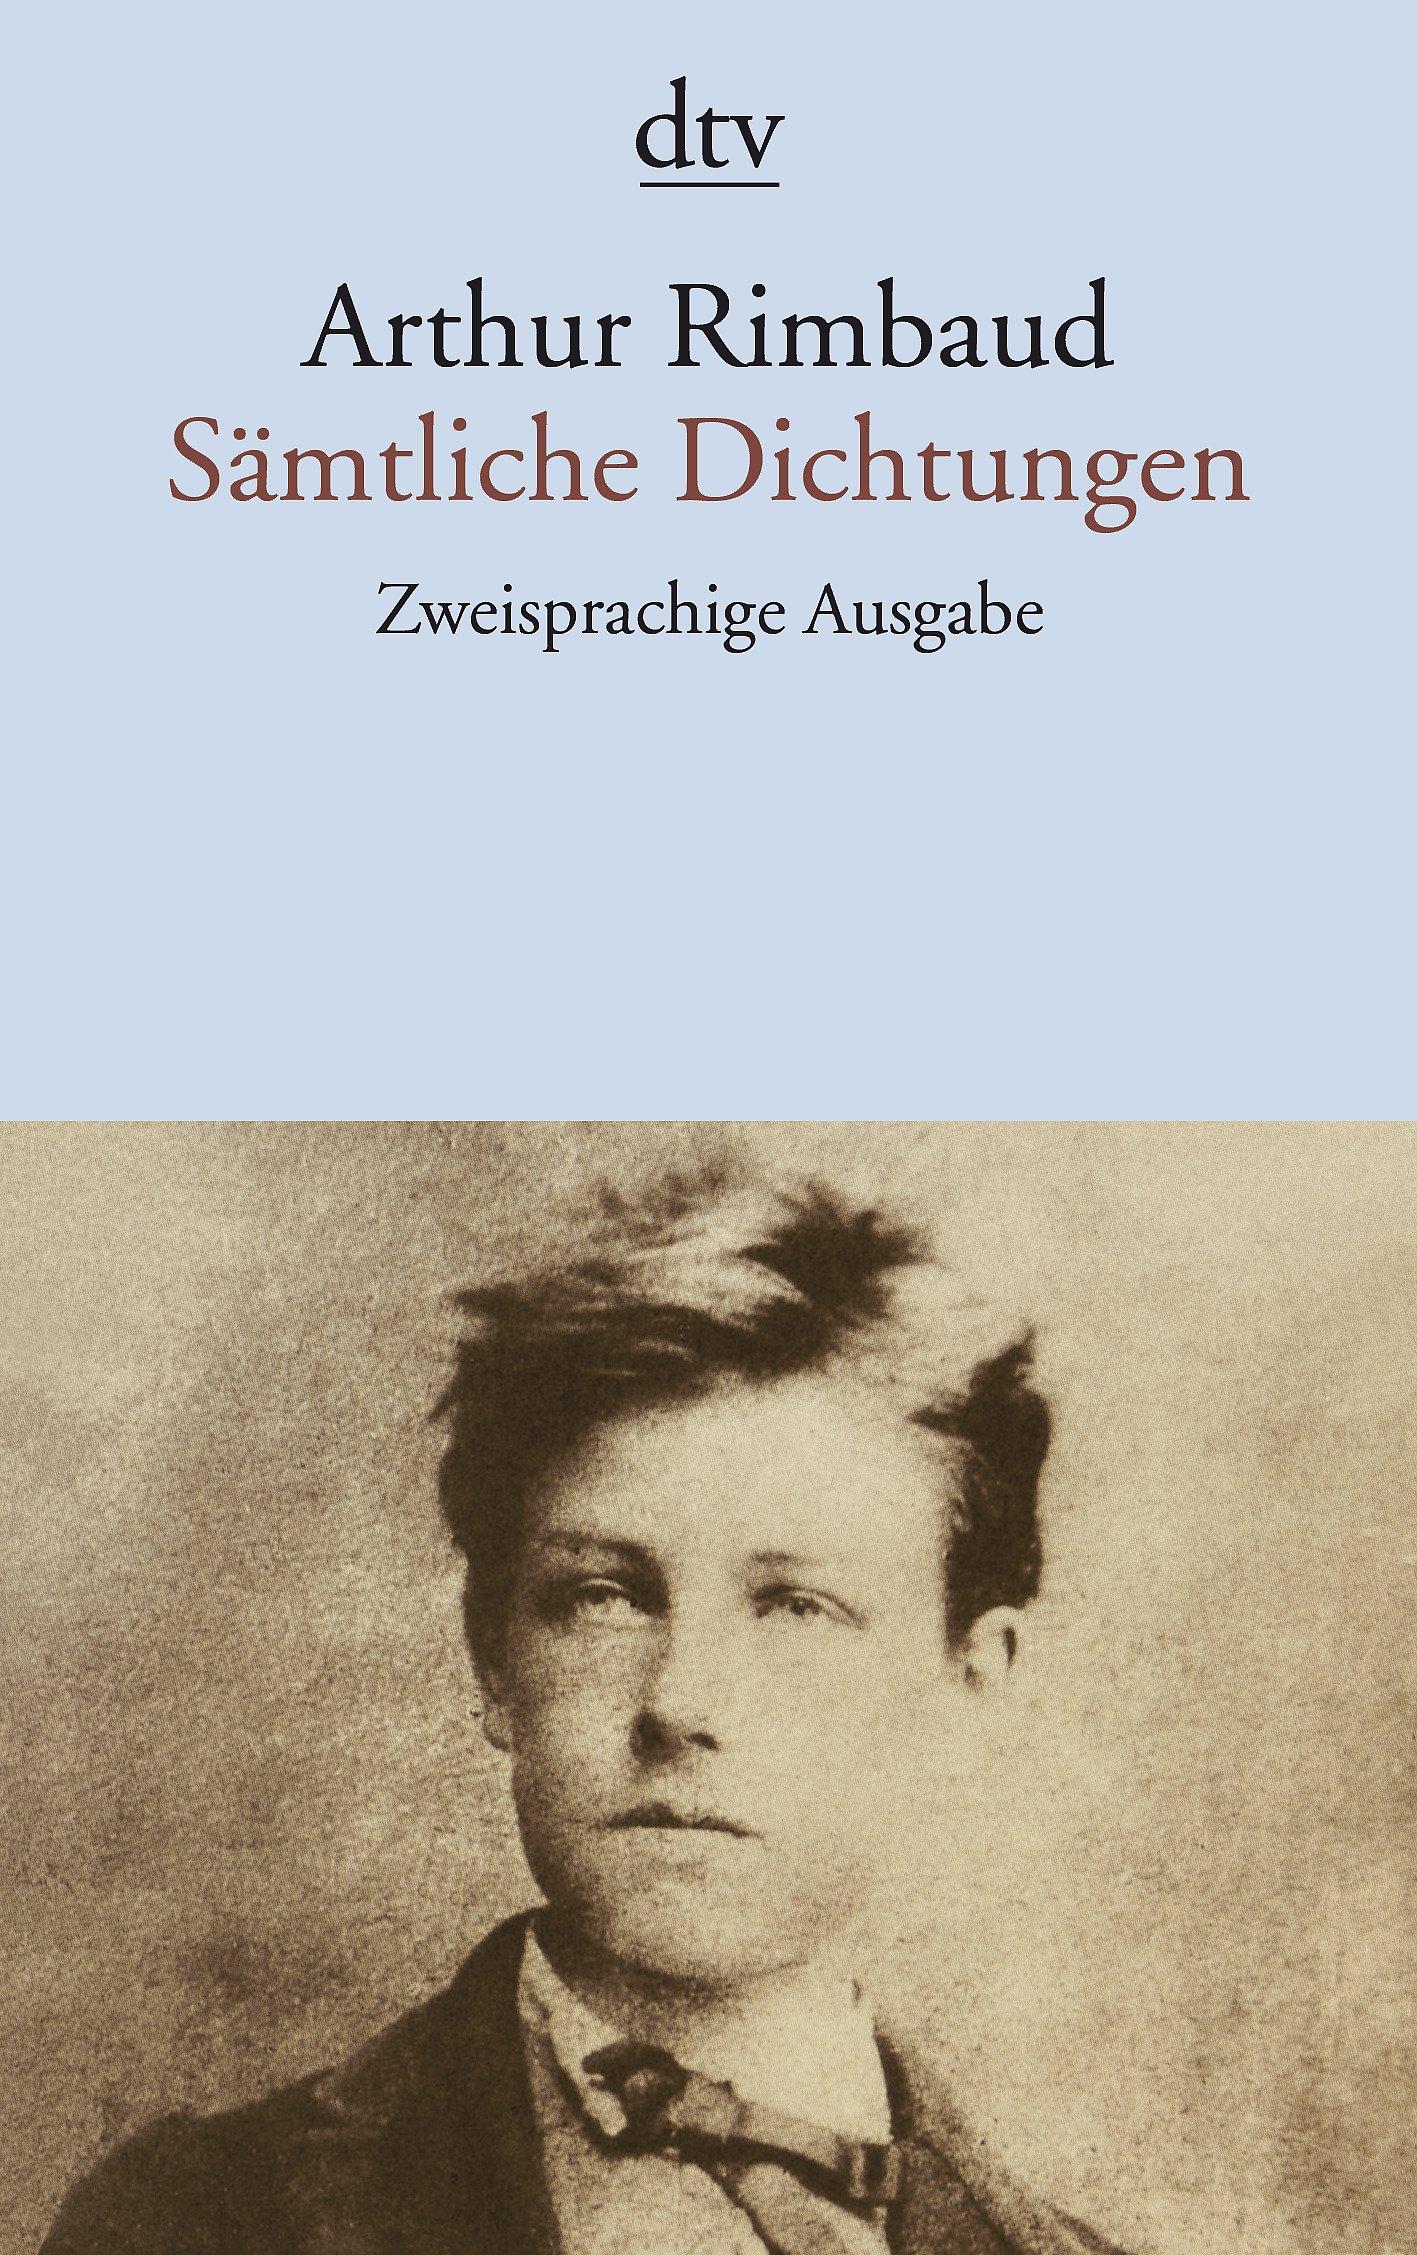 Sämtliche Dichtungen: Zweisprachige Ausgabe Taschenbuch – 1. Februar 2002 Thomas Eichhorn Arthur Rimbaud dtv Verlagsgesellschaft 342312945X